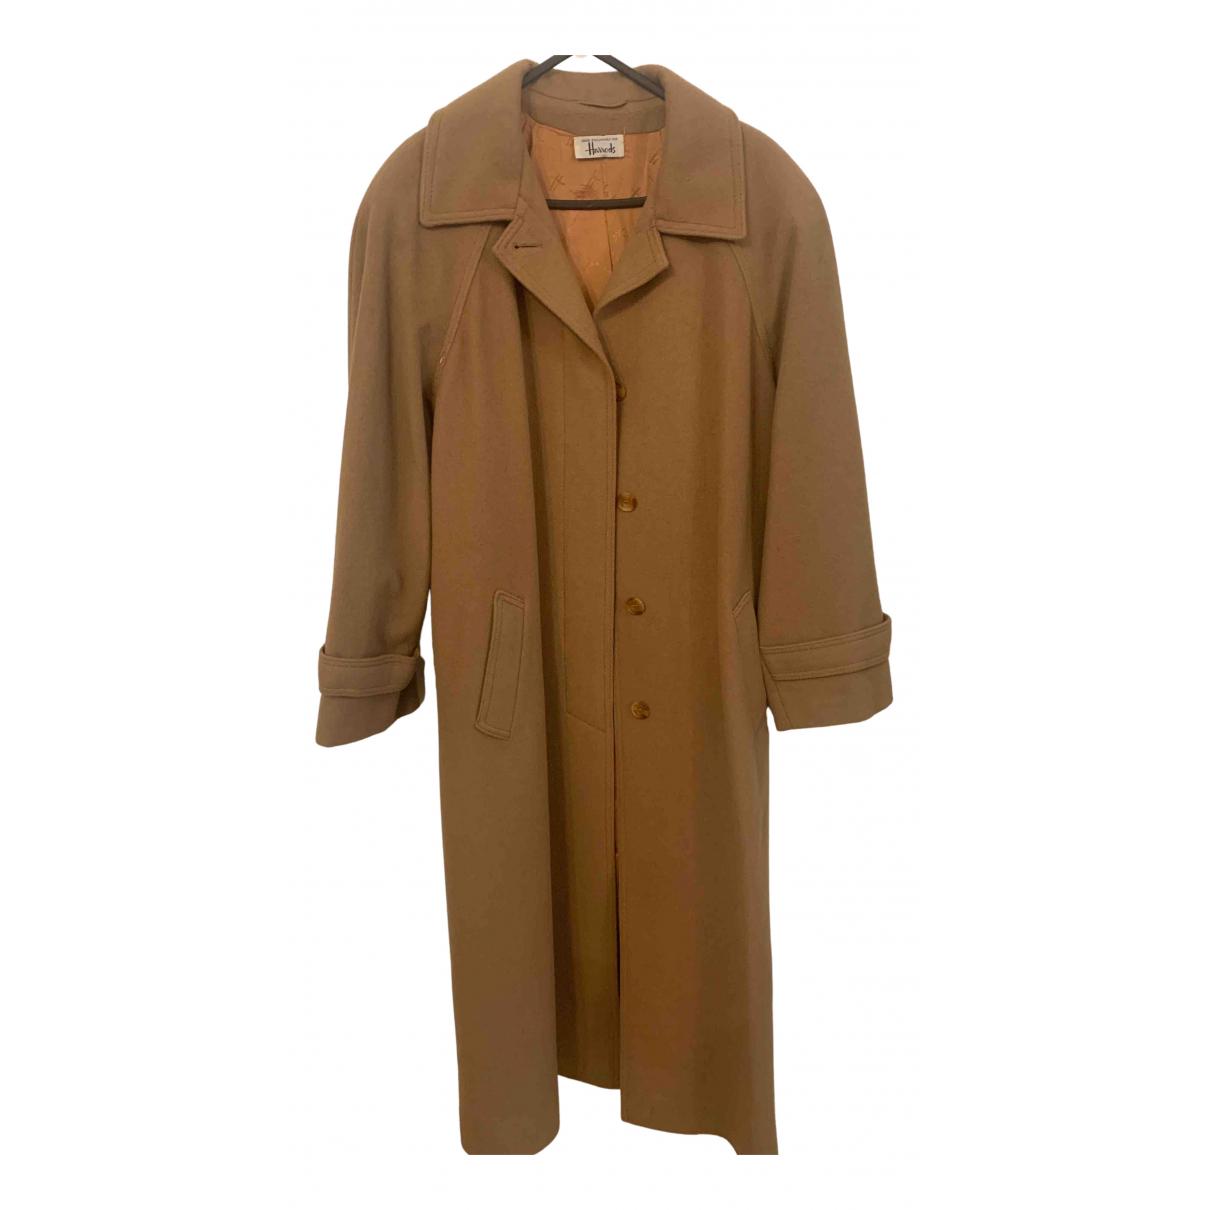 Harrods - Manteau   pour femme en cachemire - camel